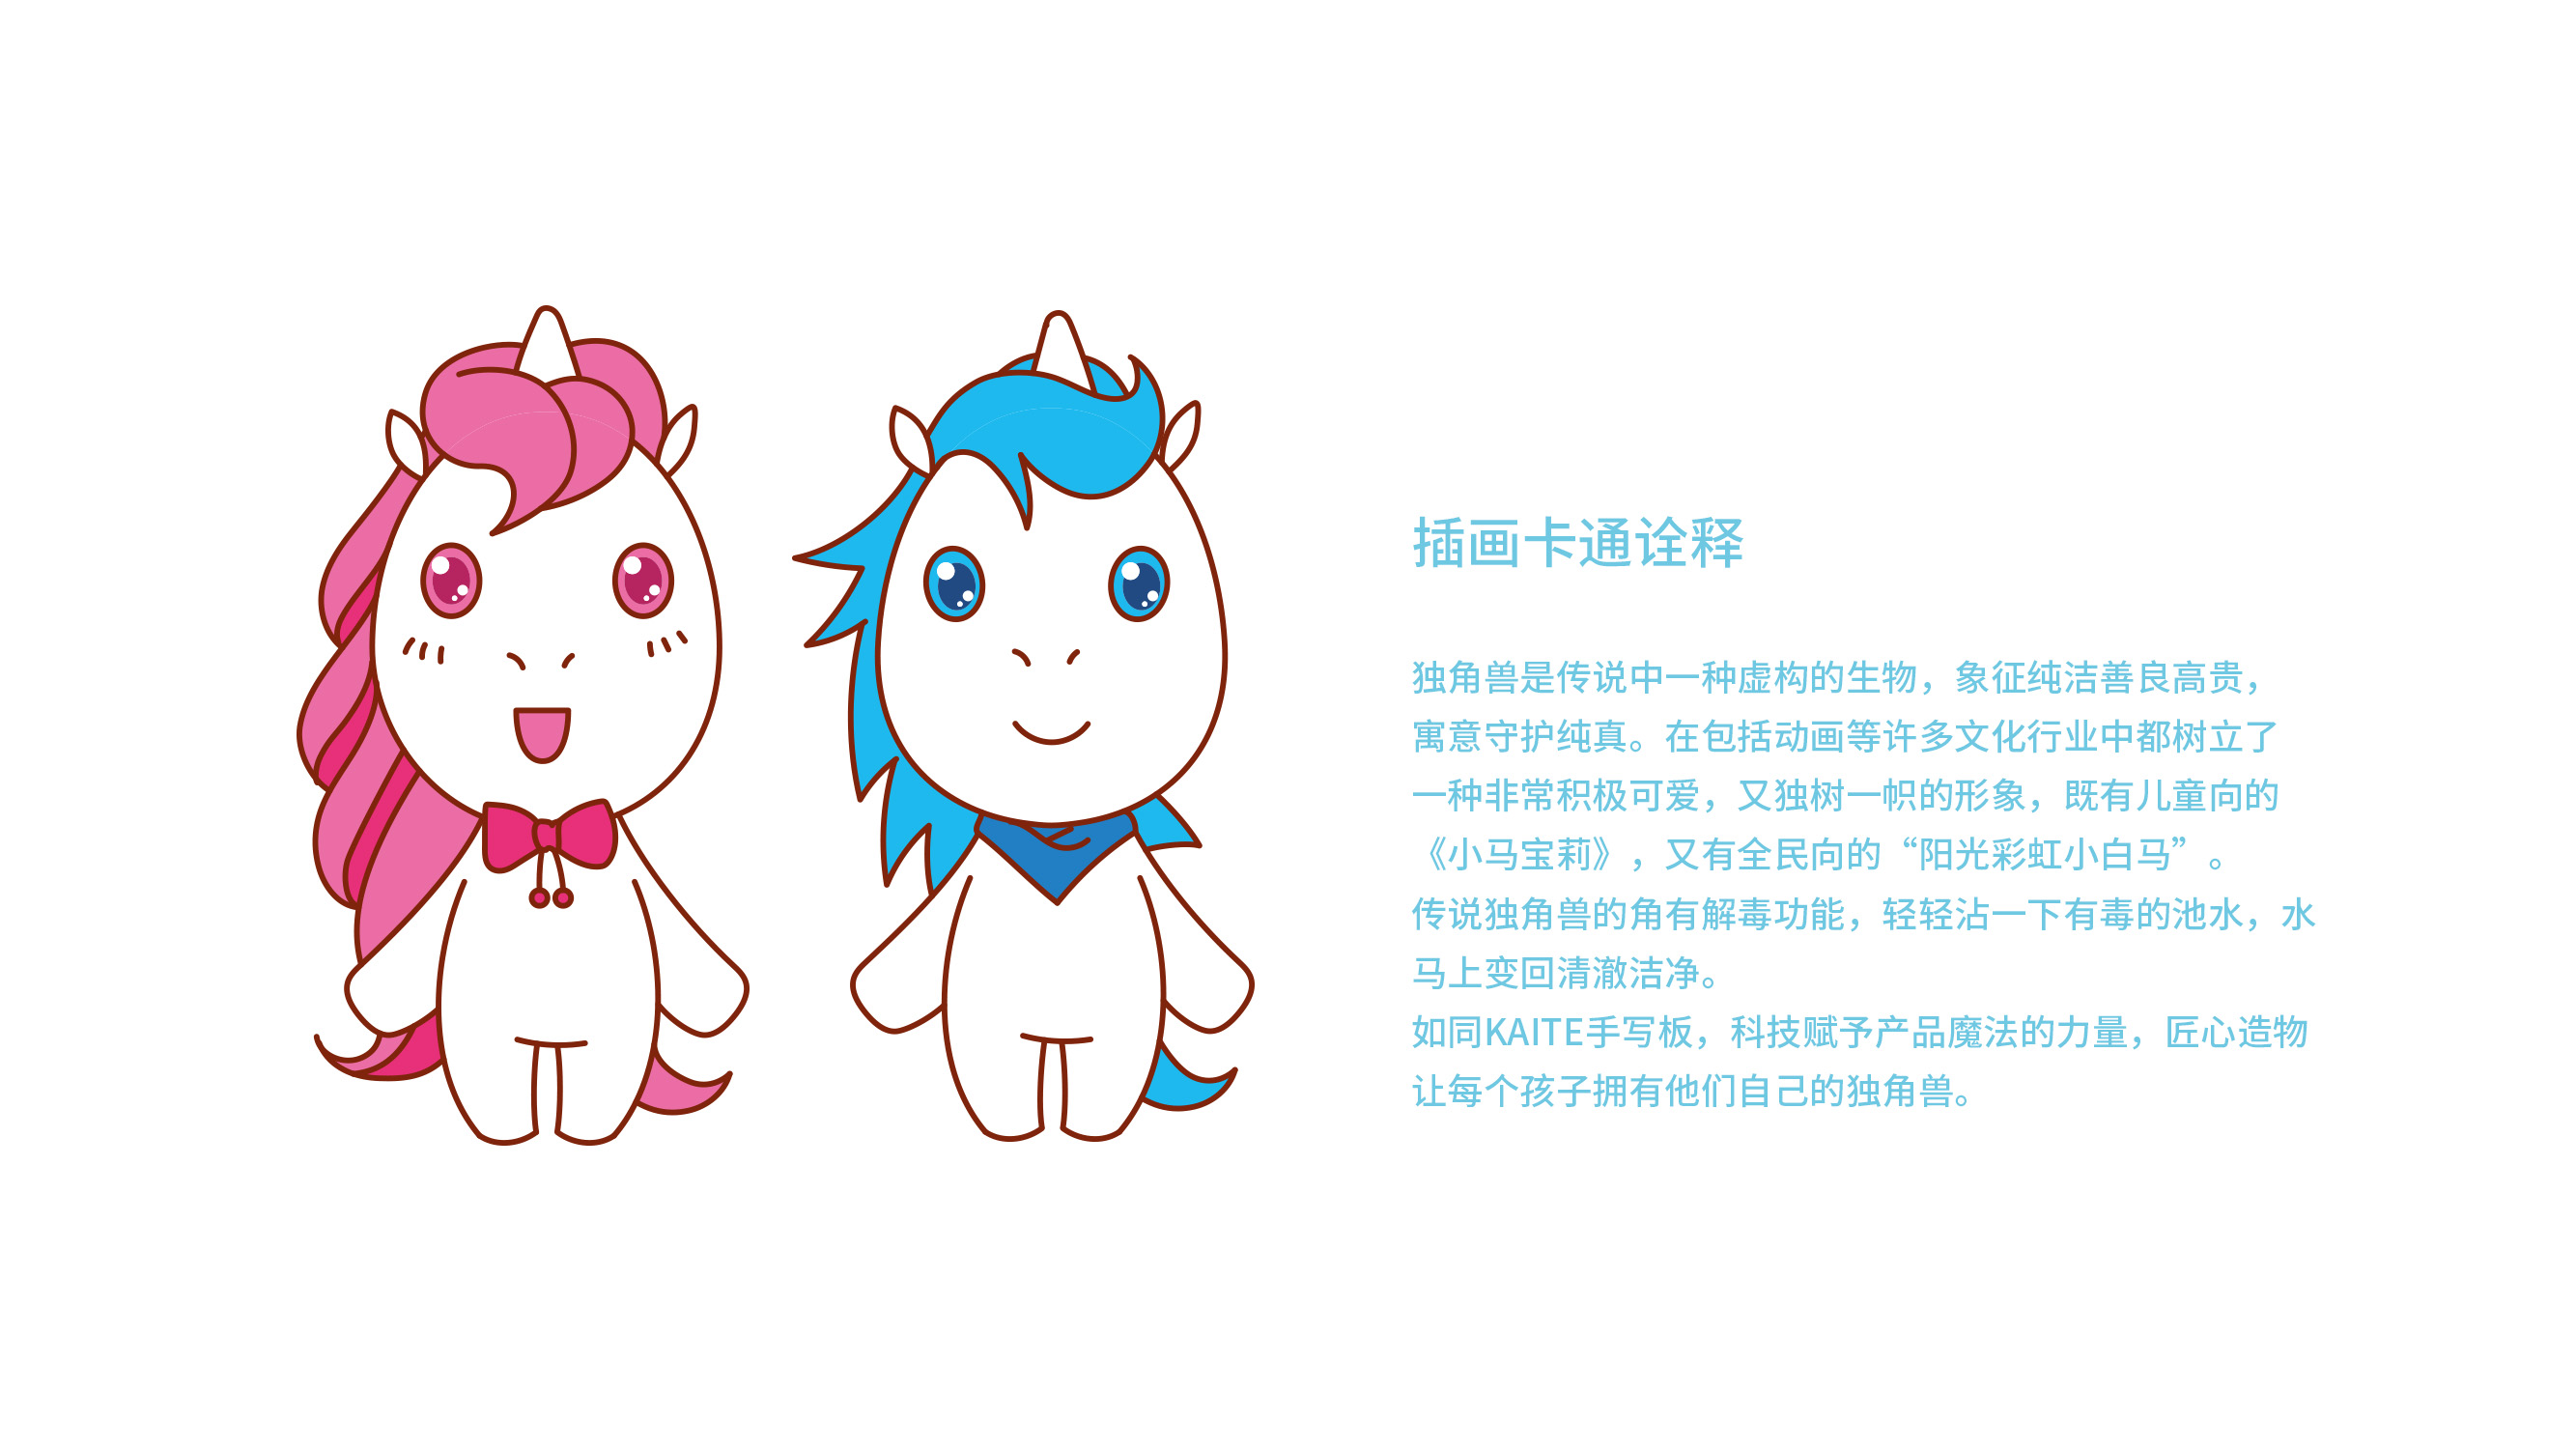 天慧品牌设计卡通插画设计卡通形象人物插画吉祥物人物手绘插画